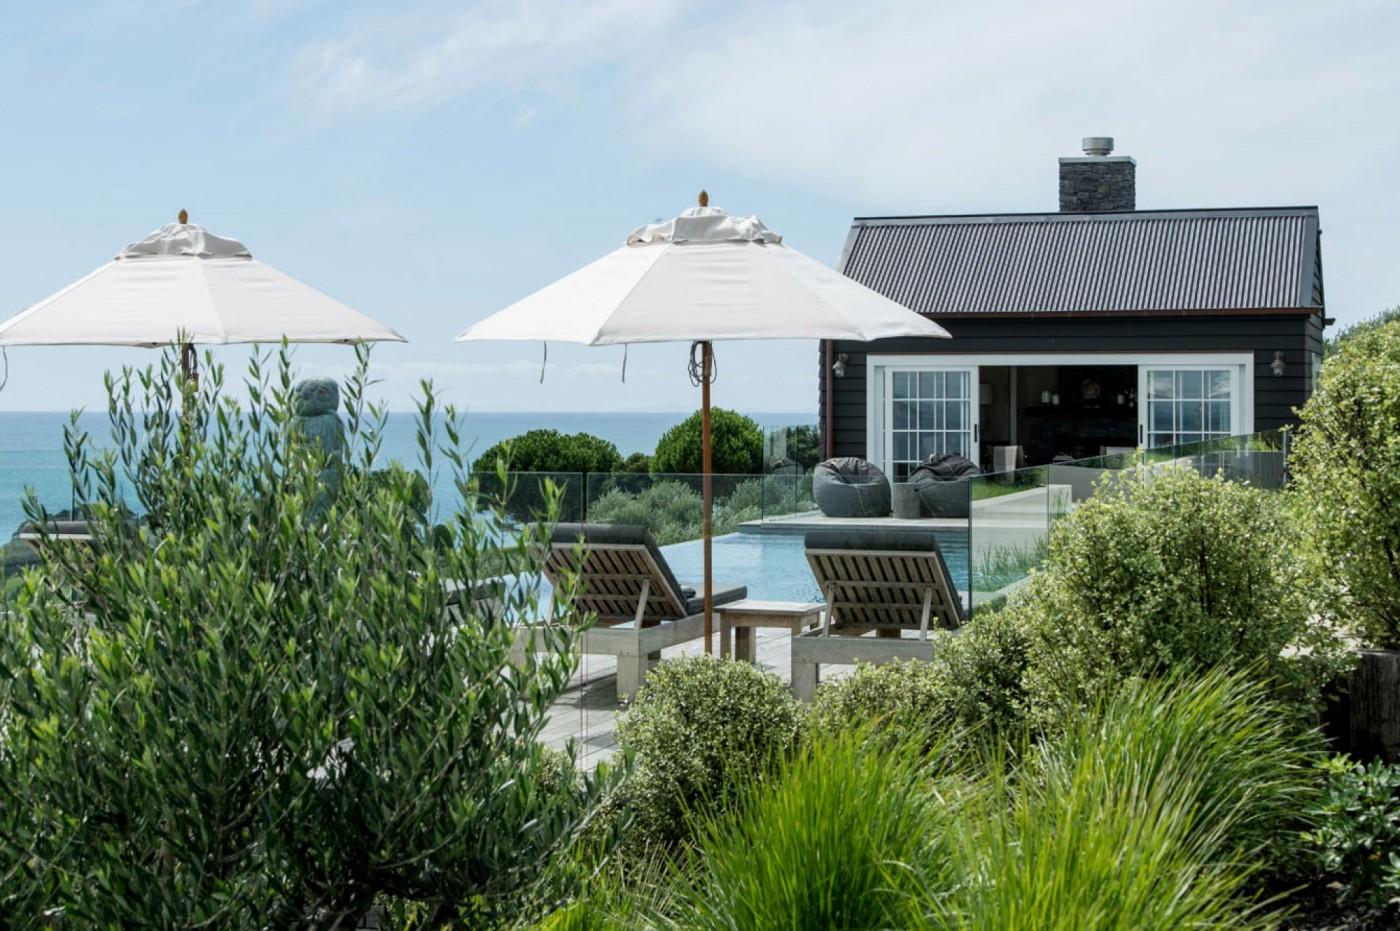 Casa sul mare in nuova zelanda by sumach chaplin arc art for Nuova casa in stile